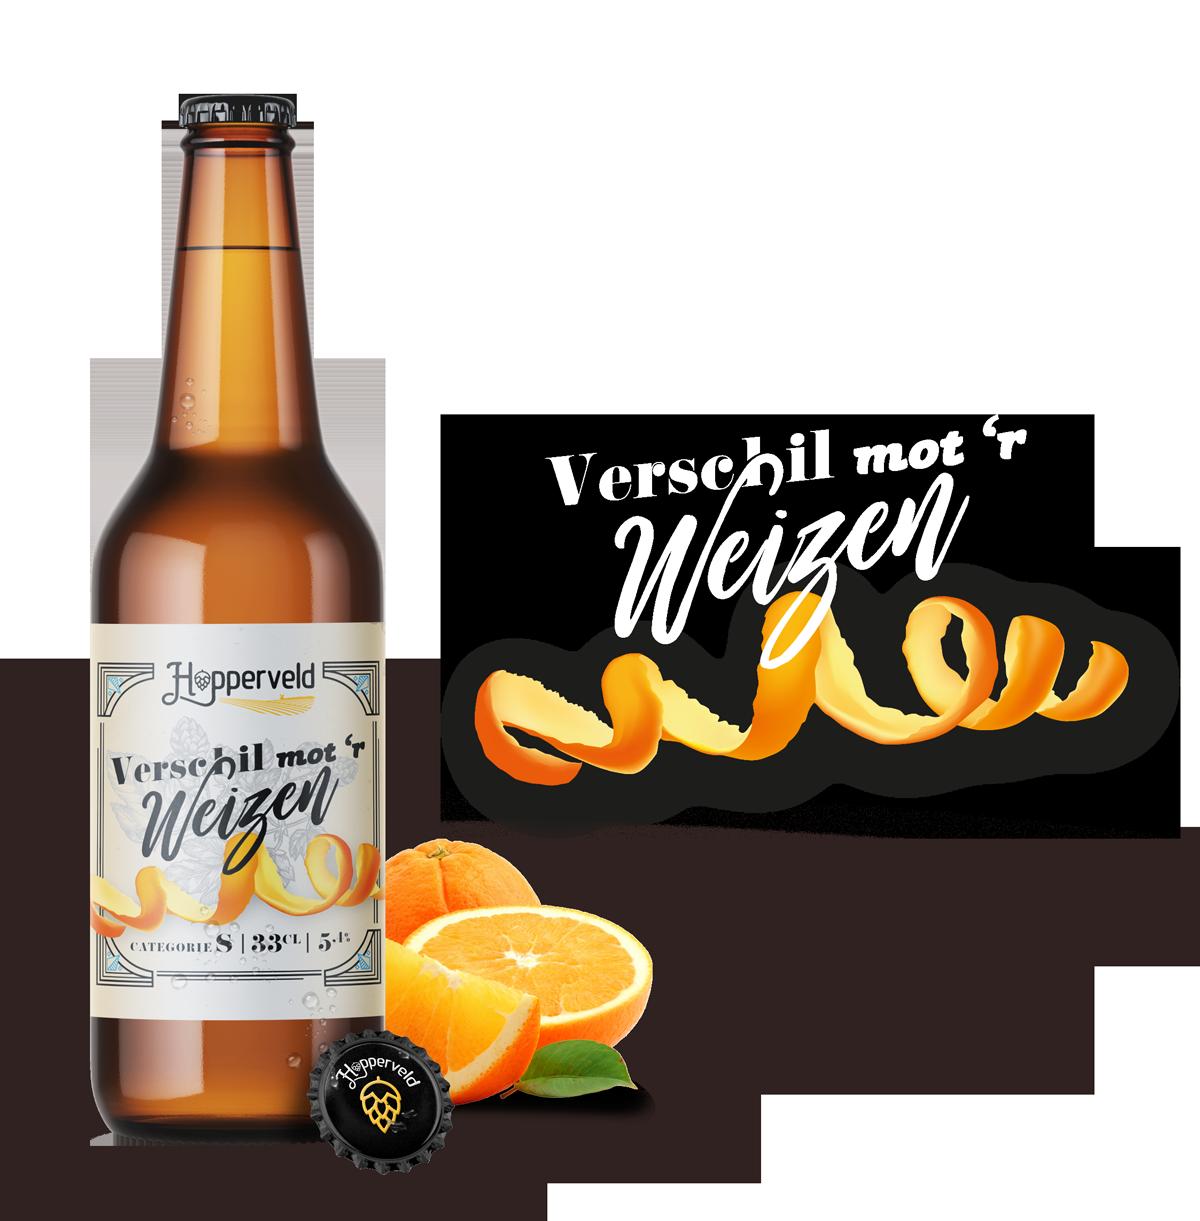 Hopperveld_bier_Verschil-mot-r-Weizen